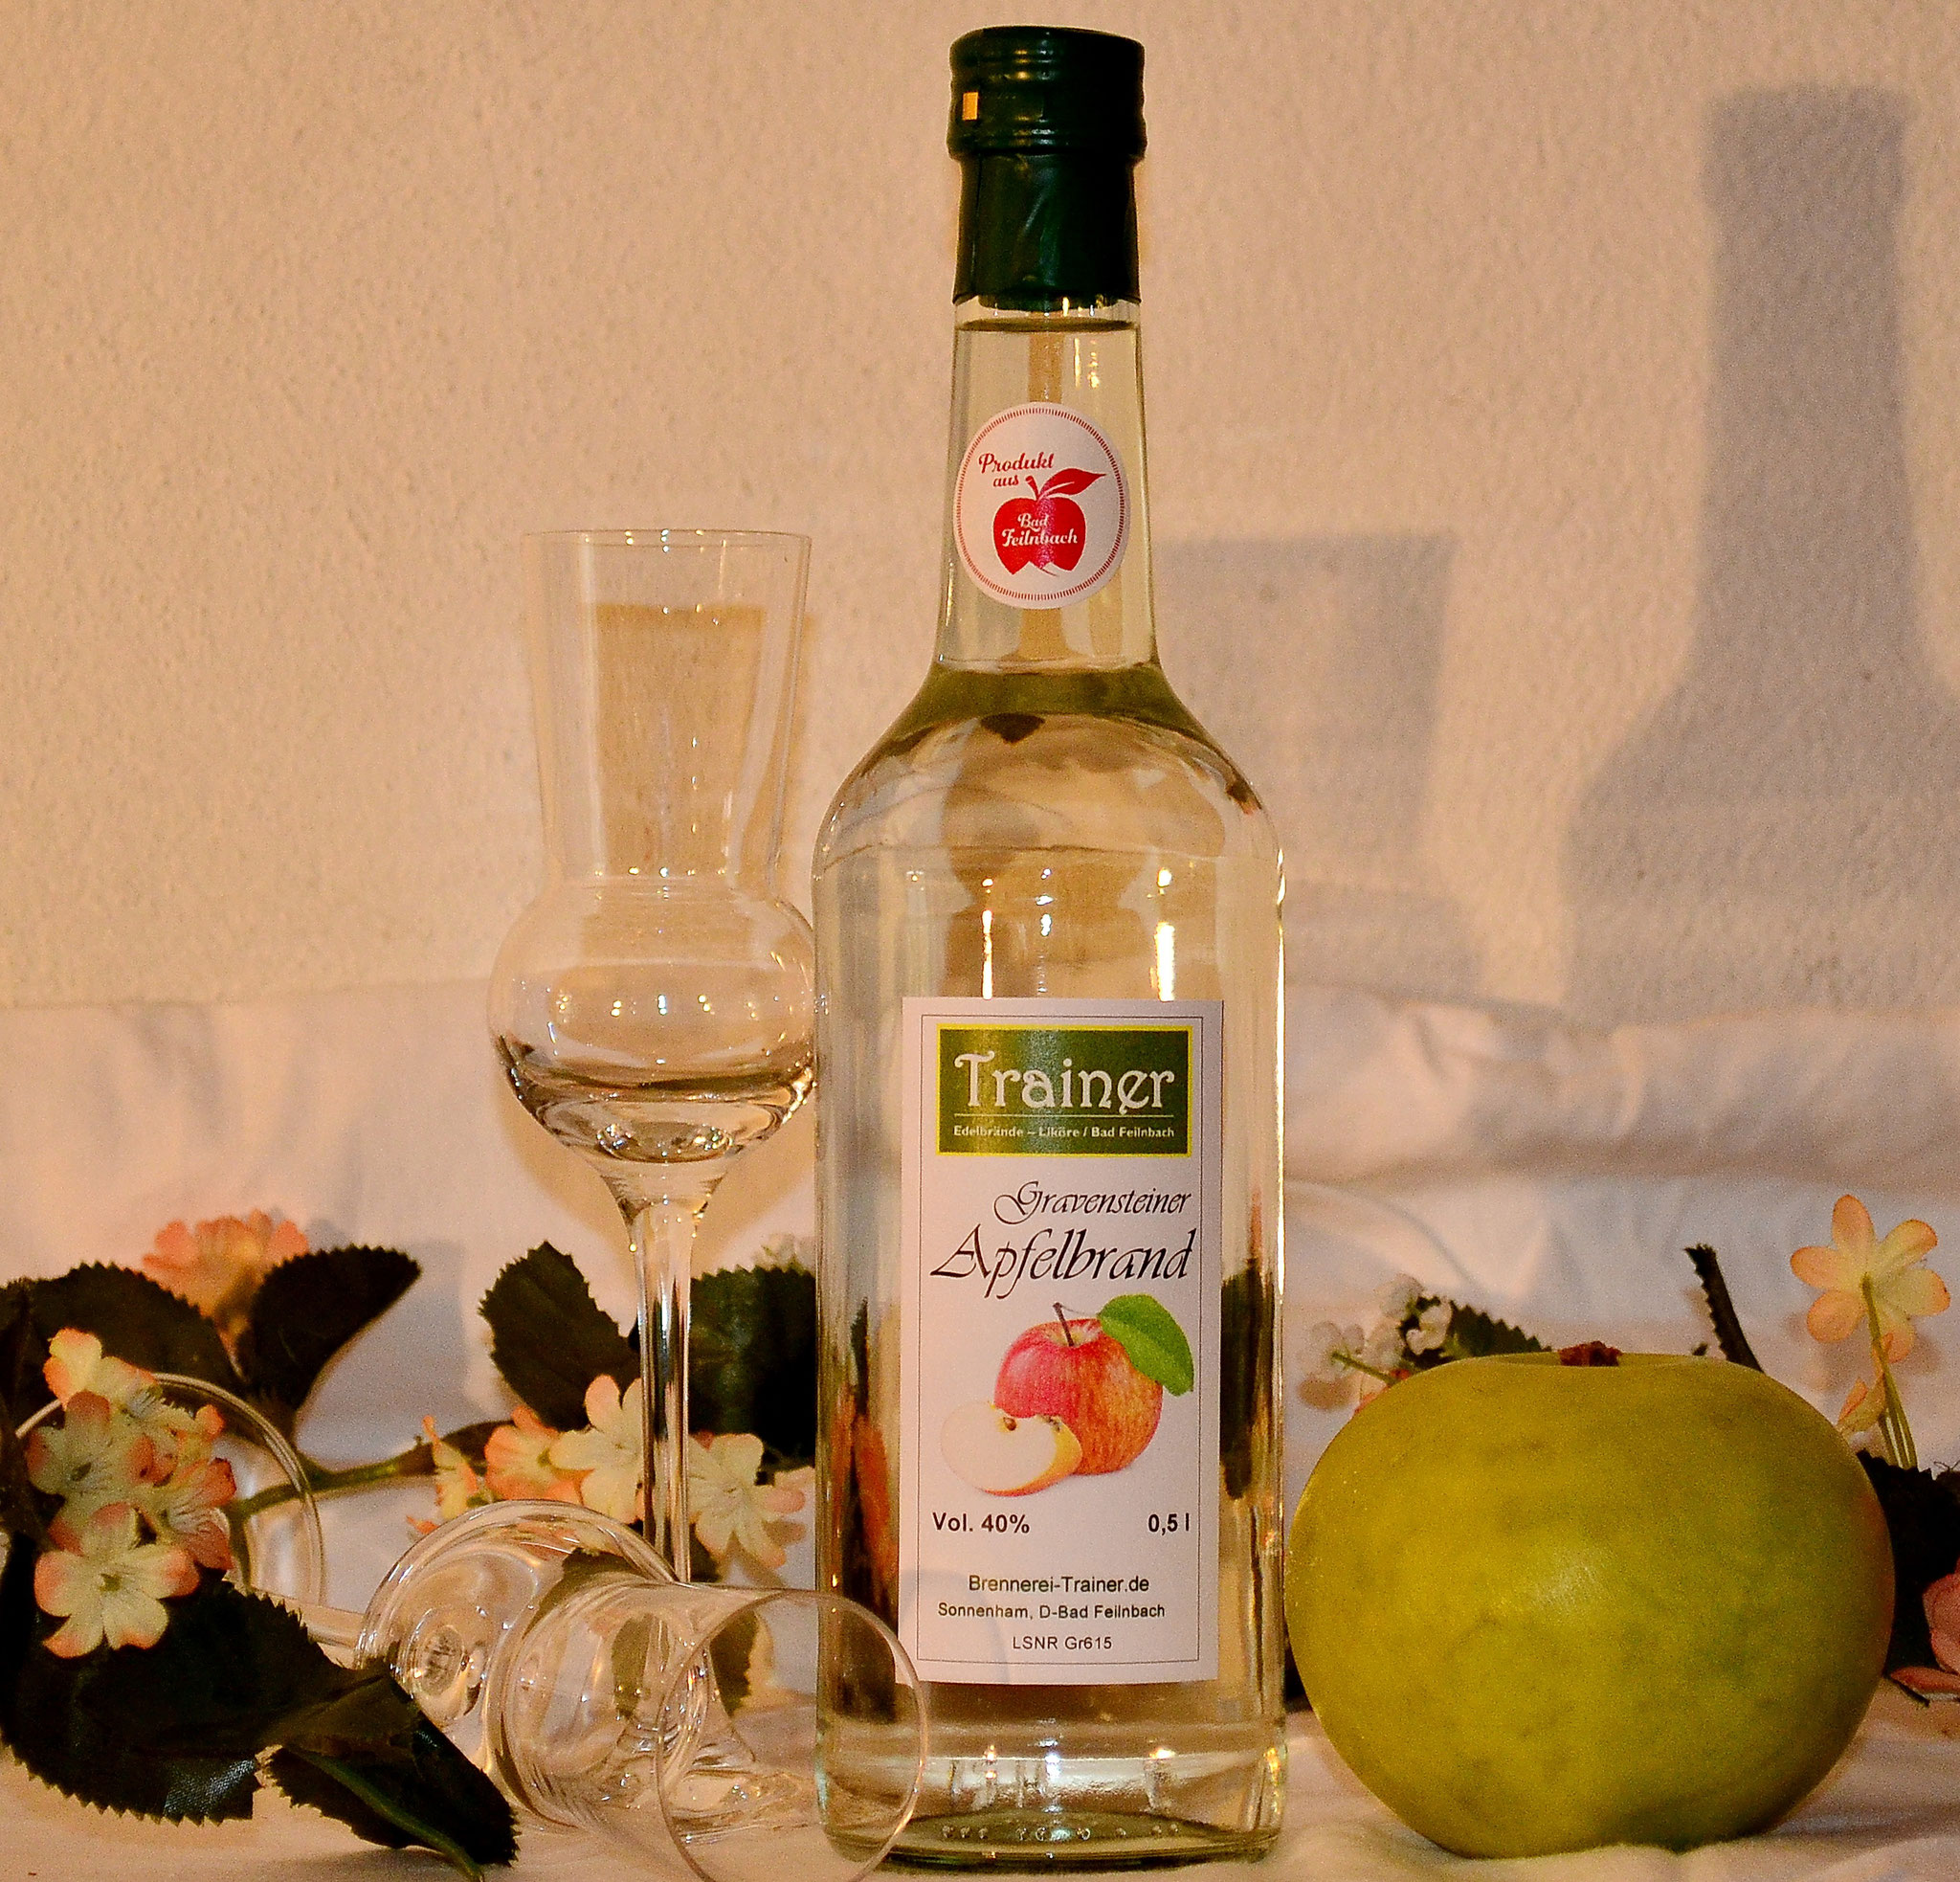 Gravensteiner-Apfelbrand